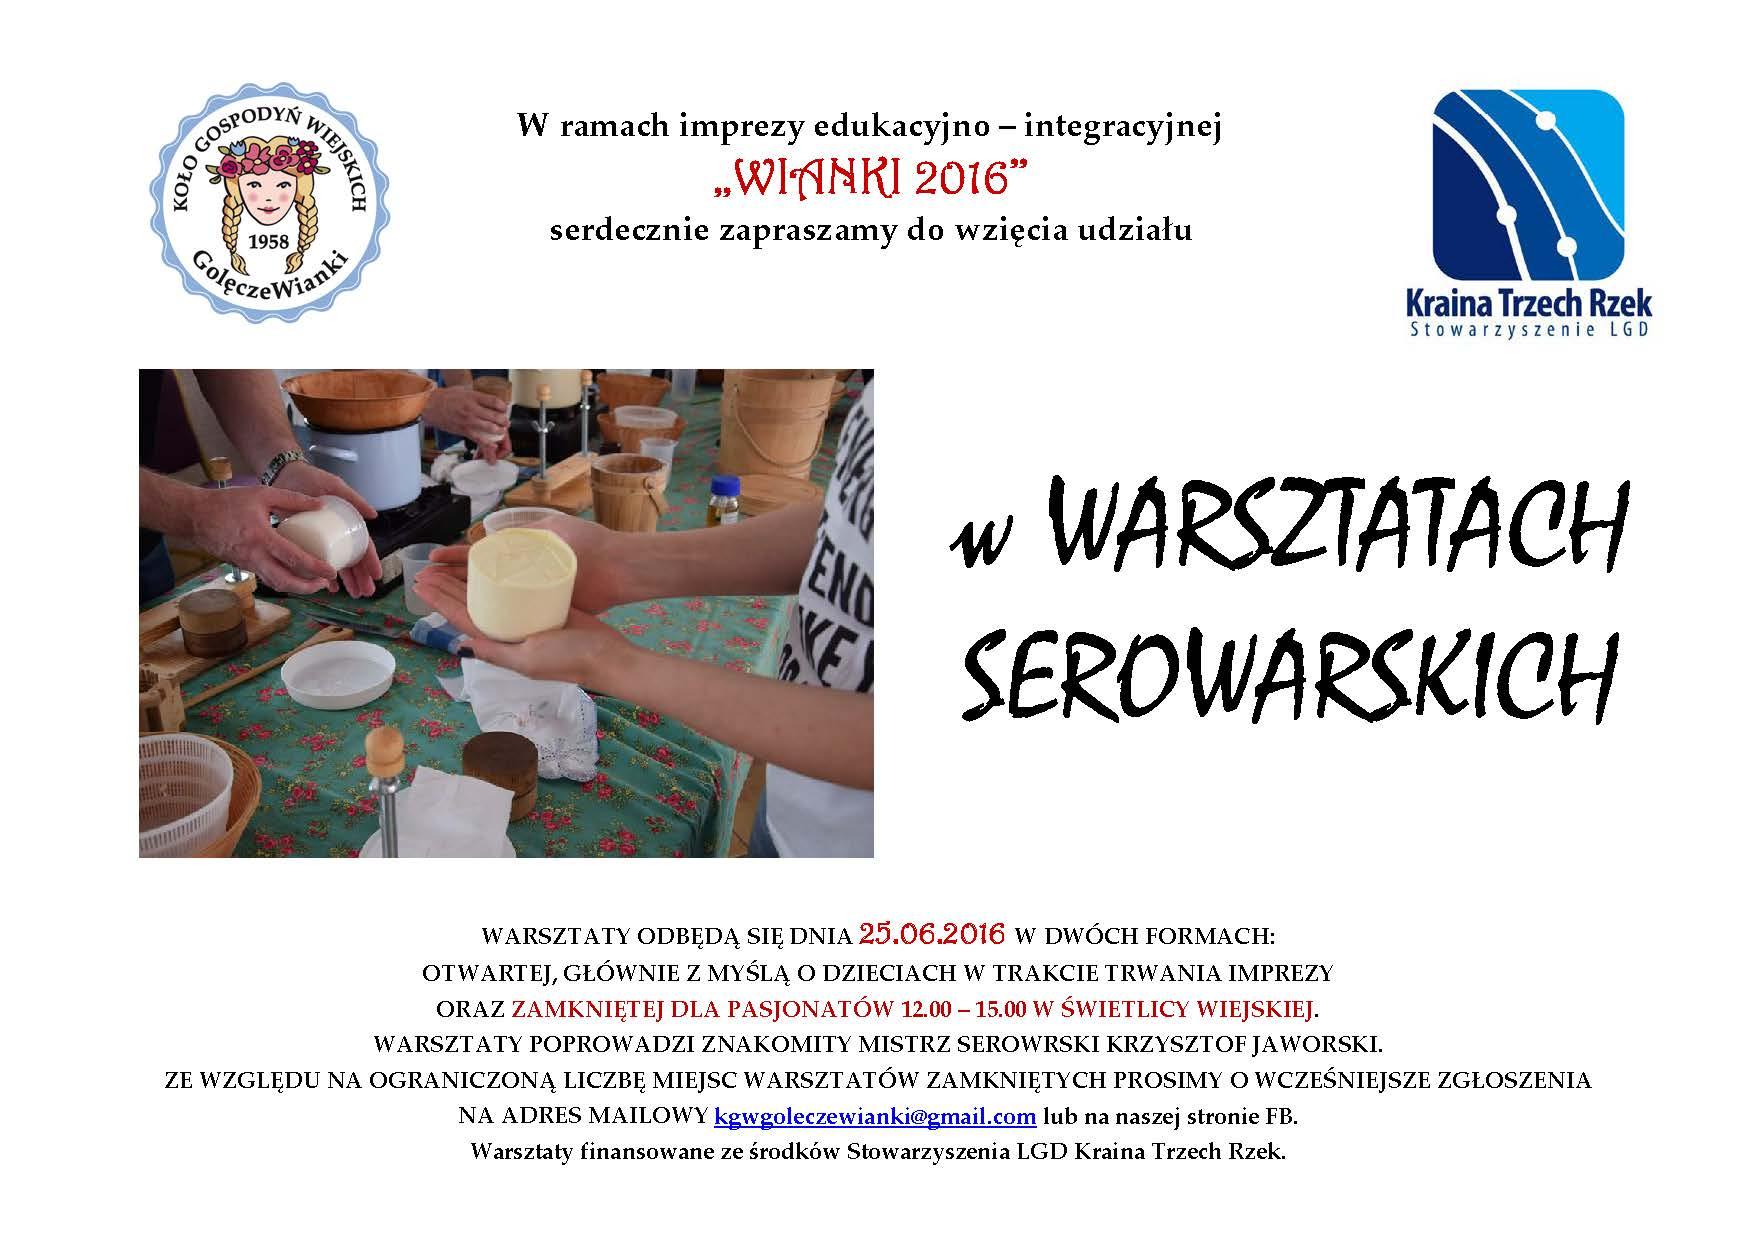 warsztaty serowarskie 2016